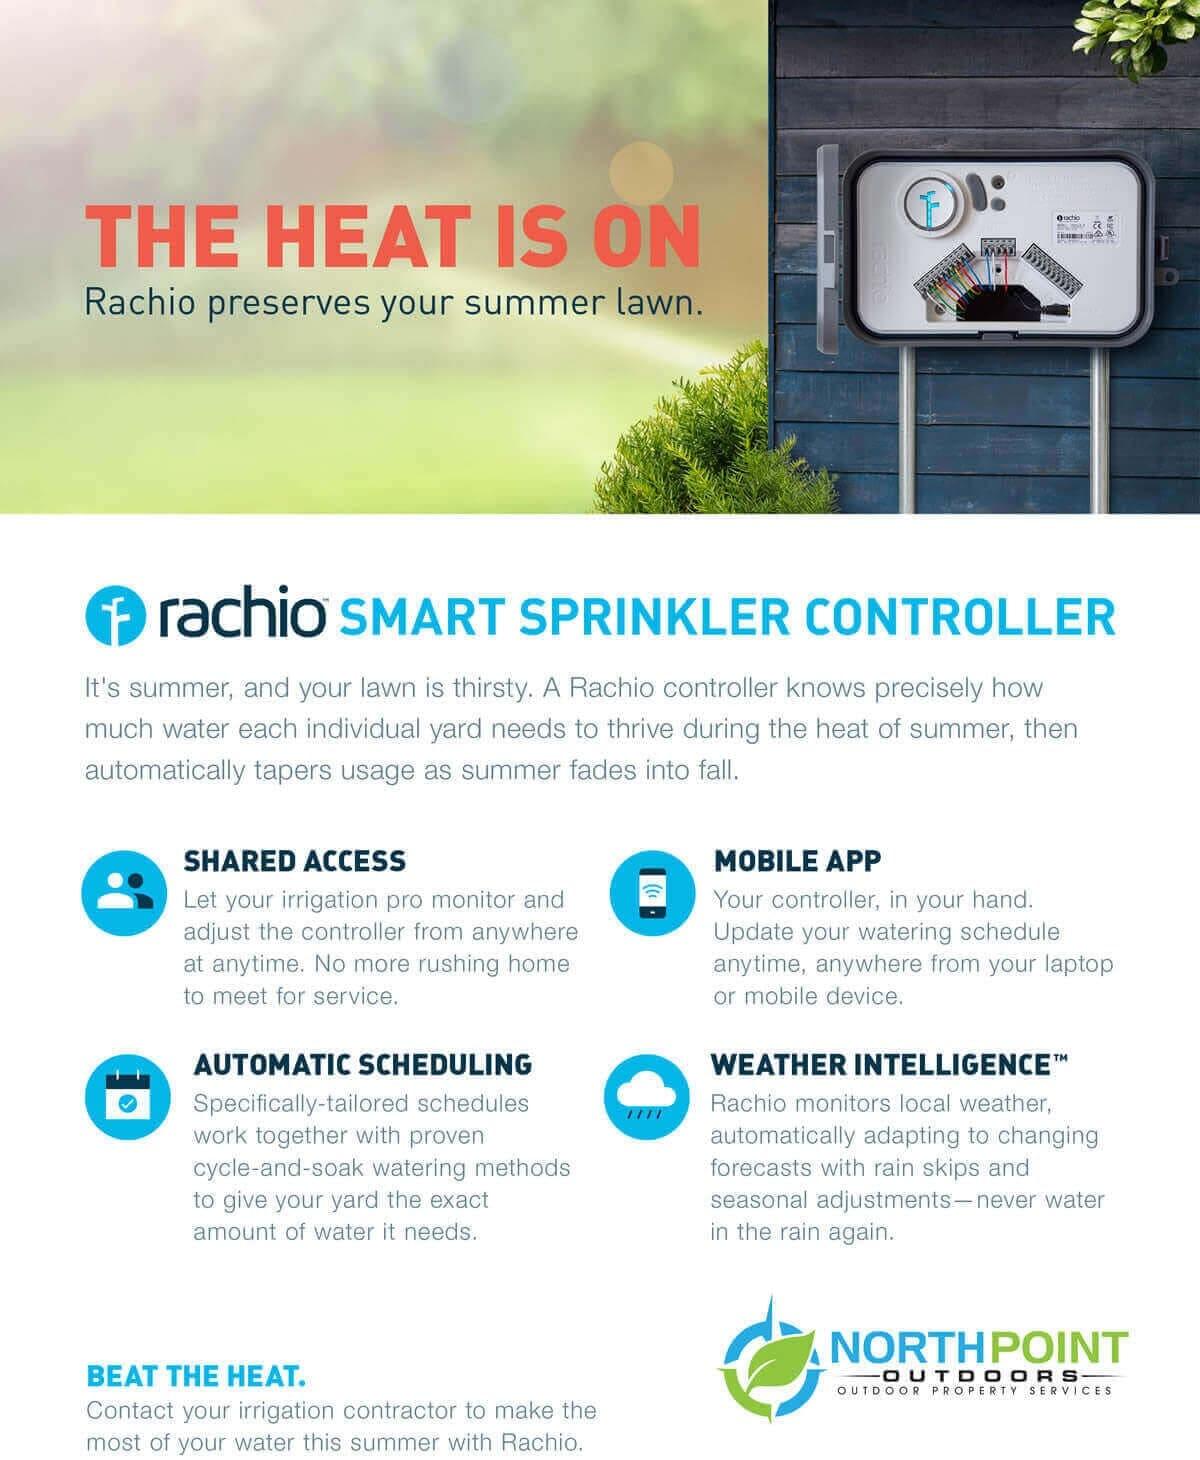 Rachio smart sprinkler controller sheet